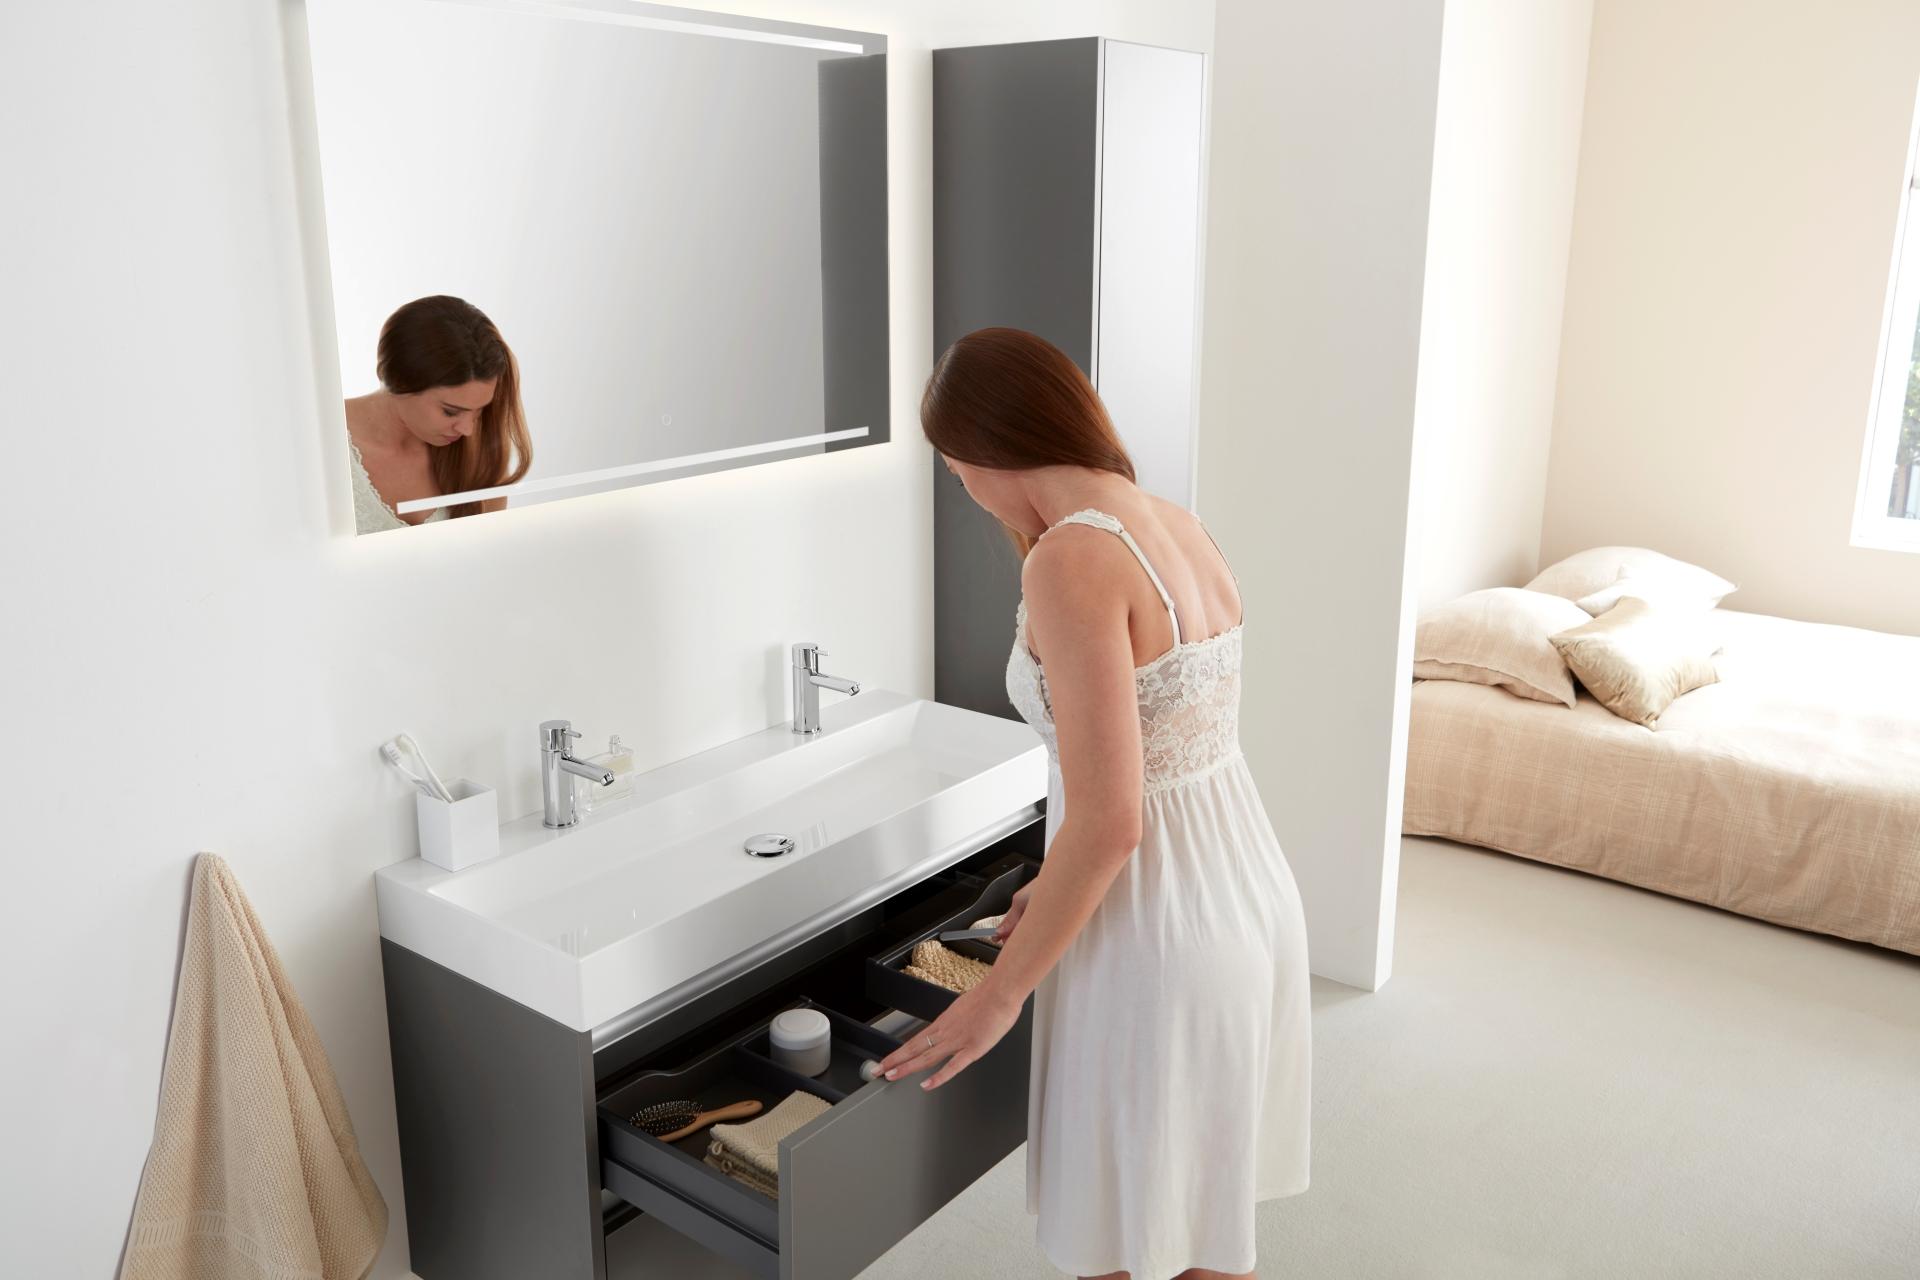 Badkamermeubel cm minimalistische nlfunvit badkamermeubel